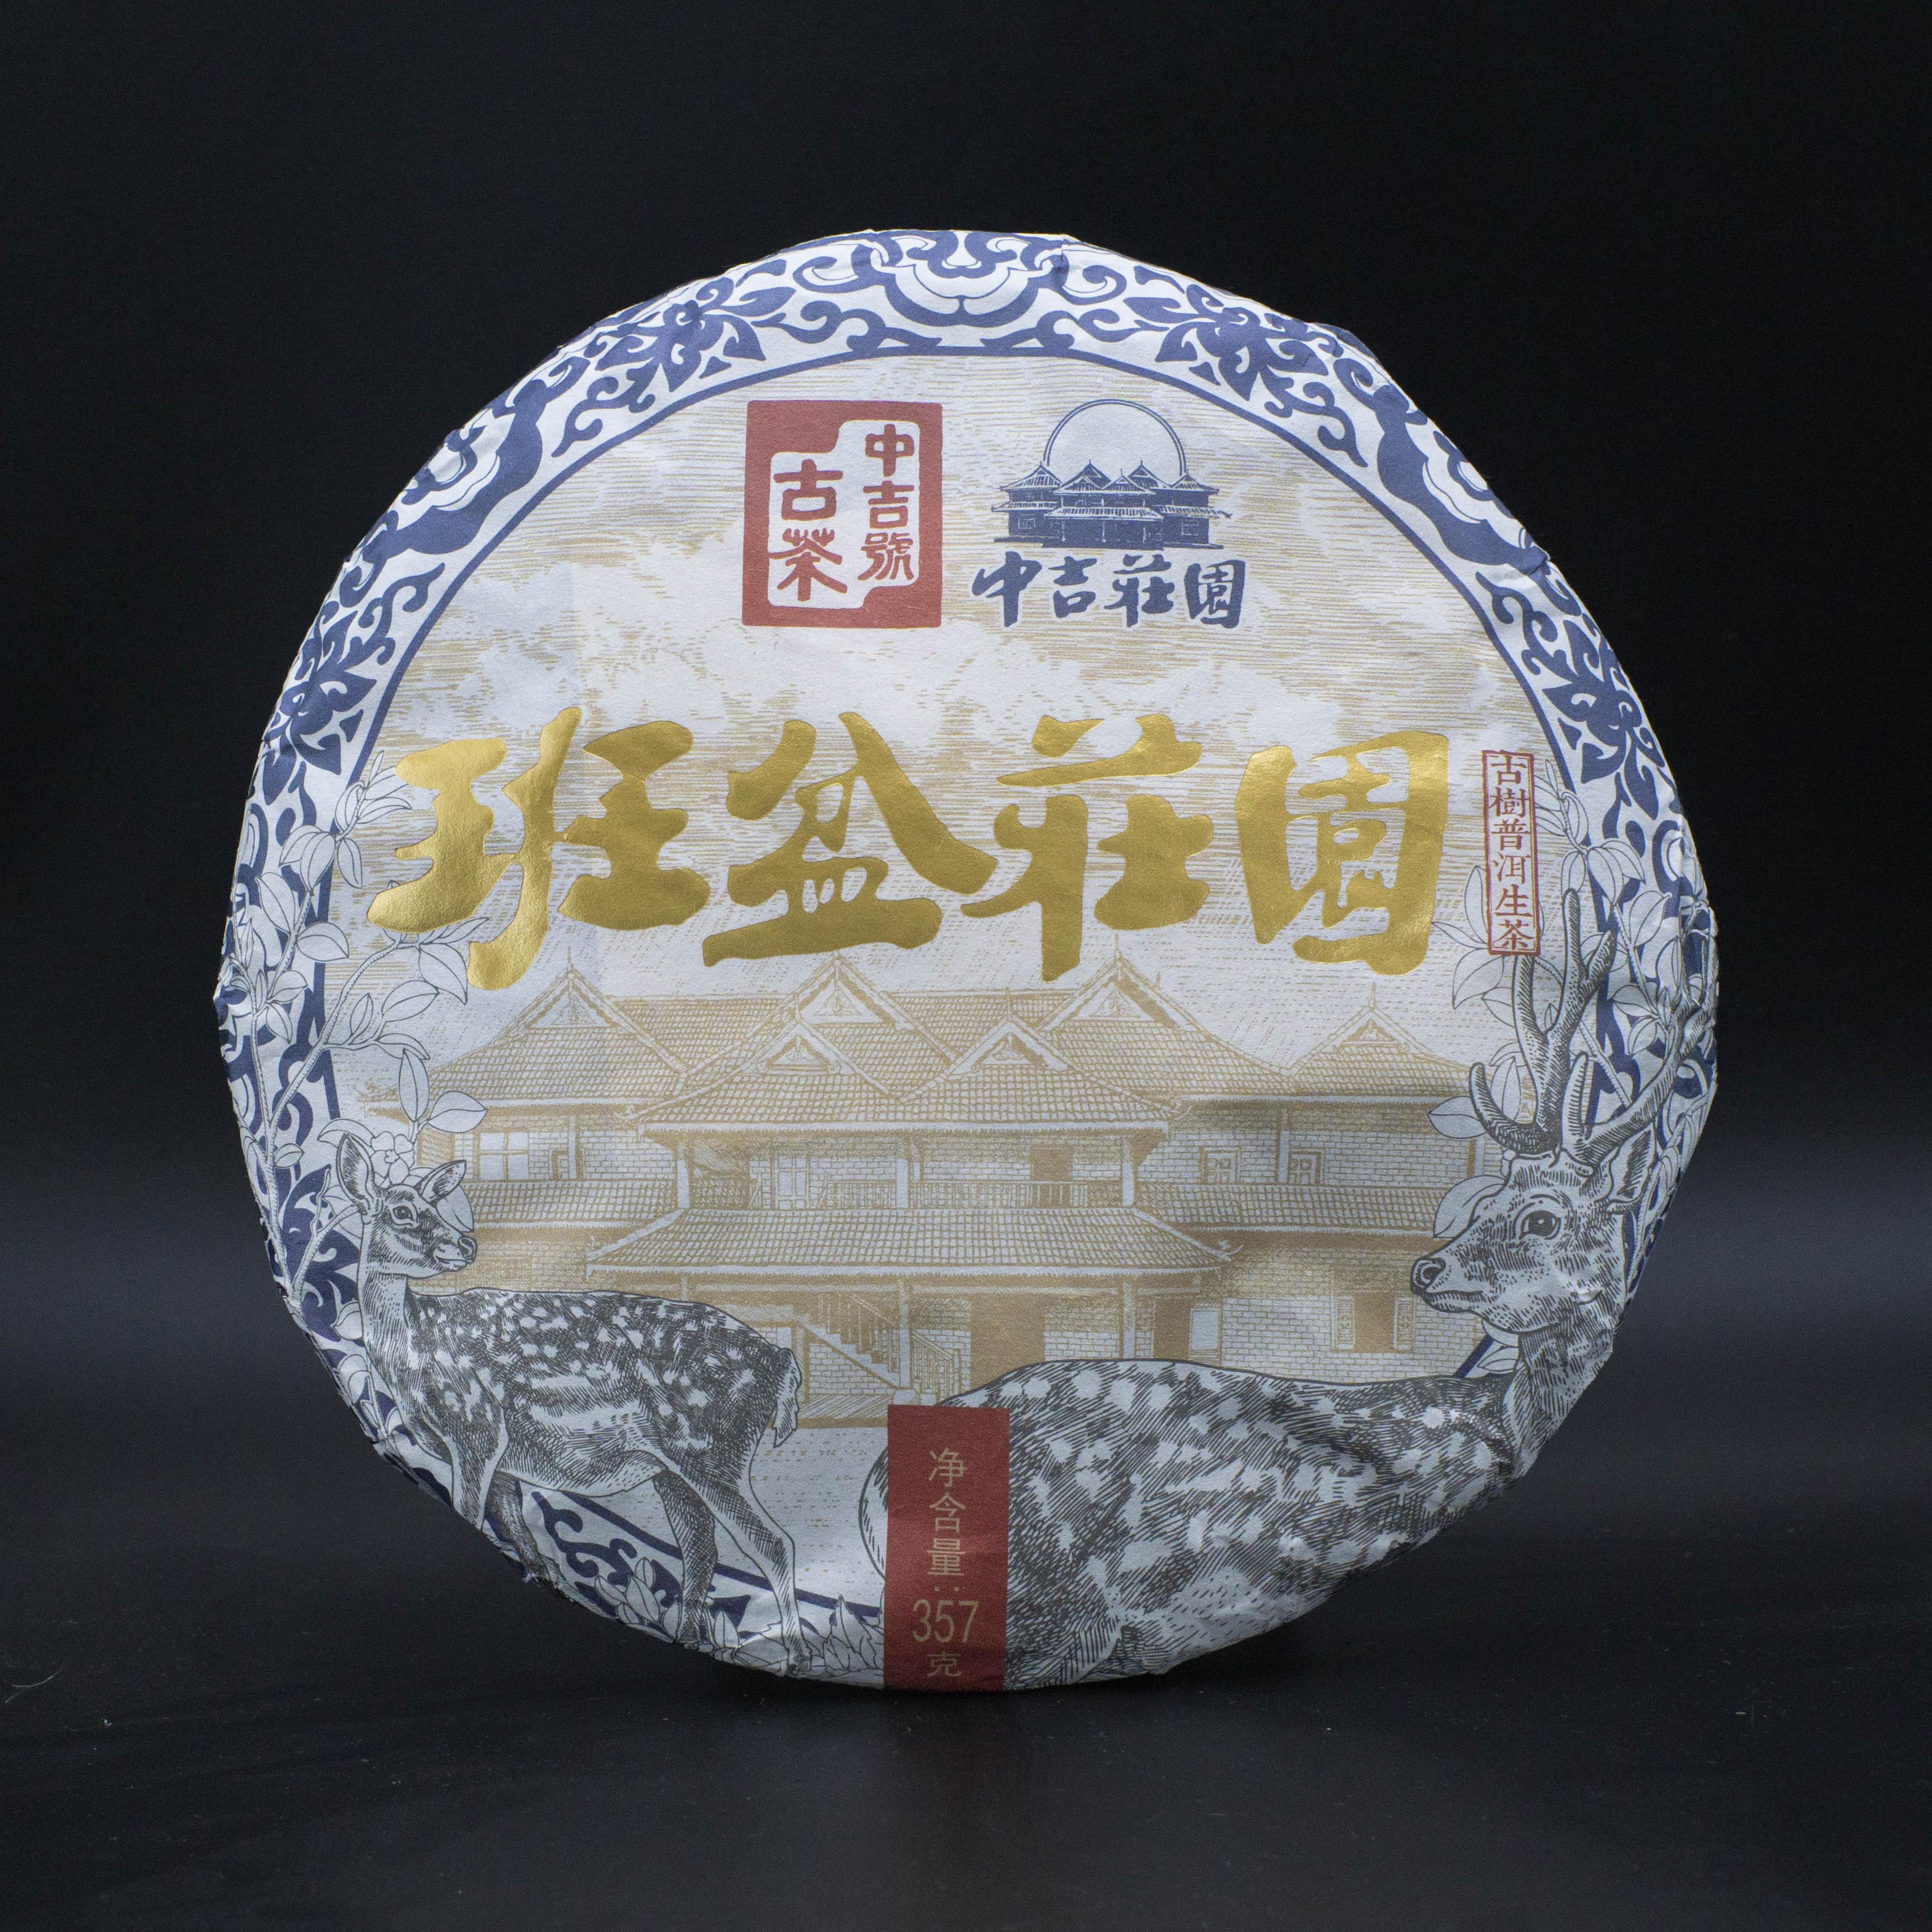 中吉号古树茶 - 班盆庄园2020